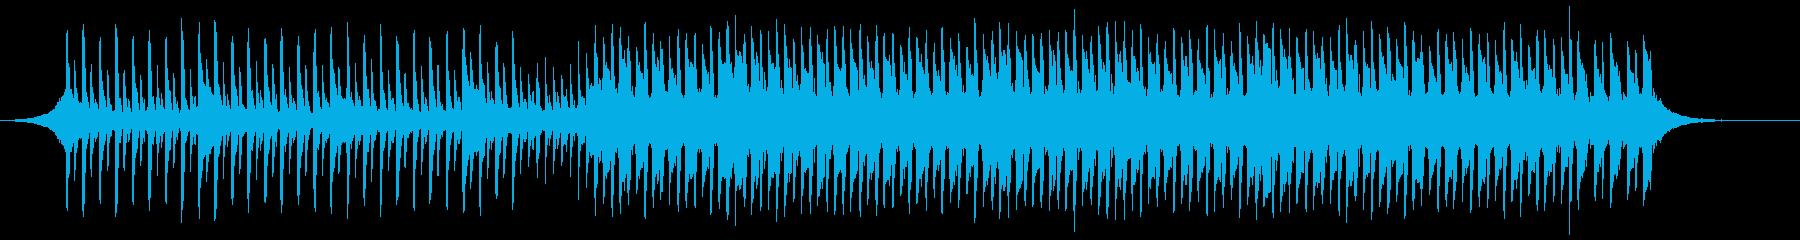 健康テクノロジー(60秒)の再生済みの波形